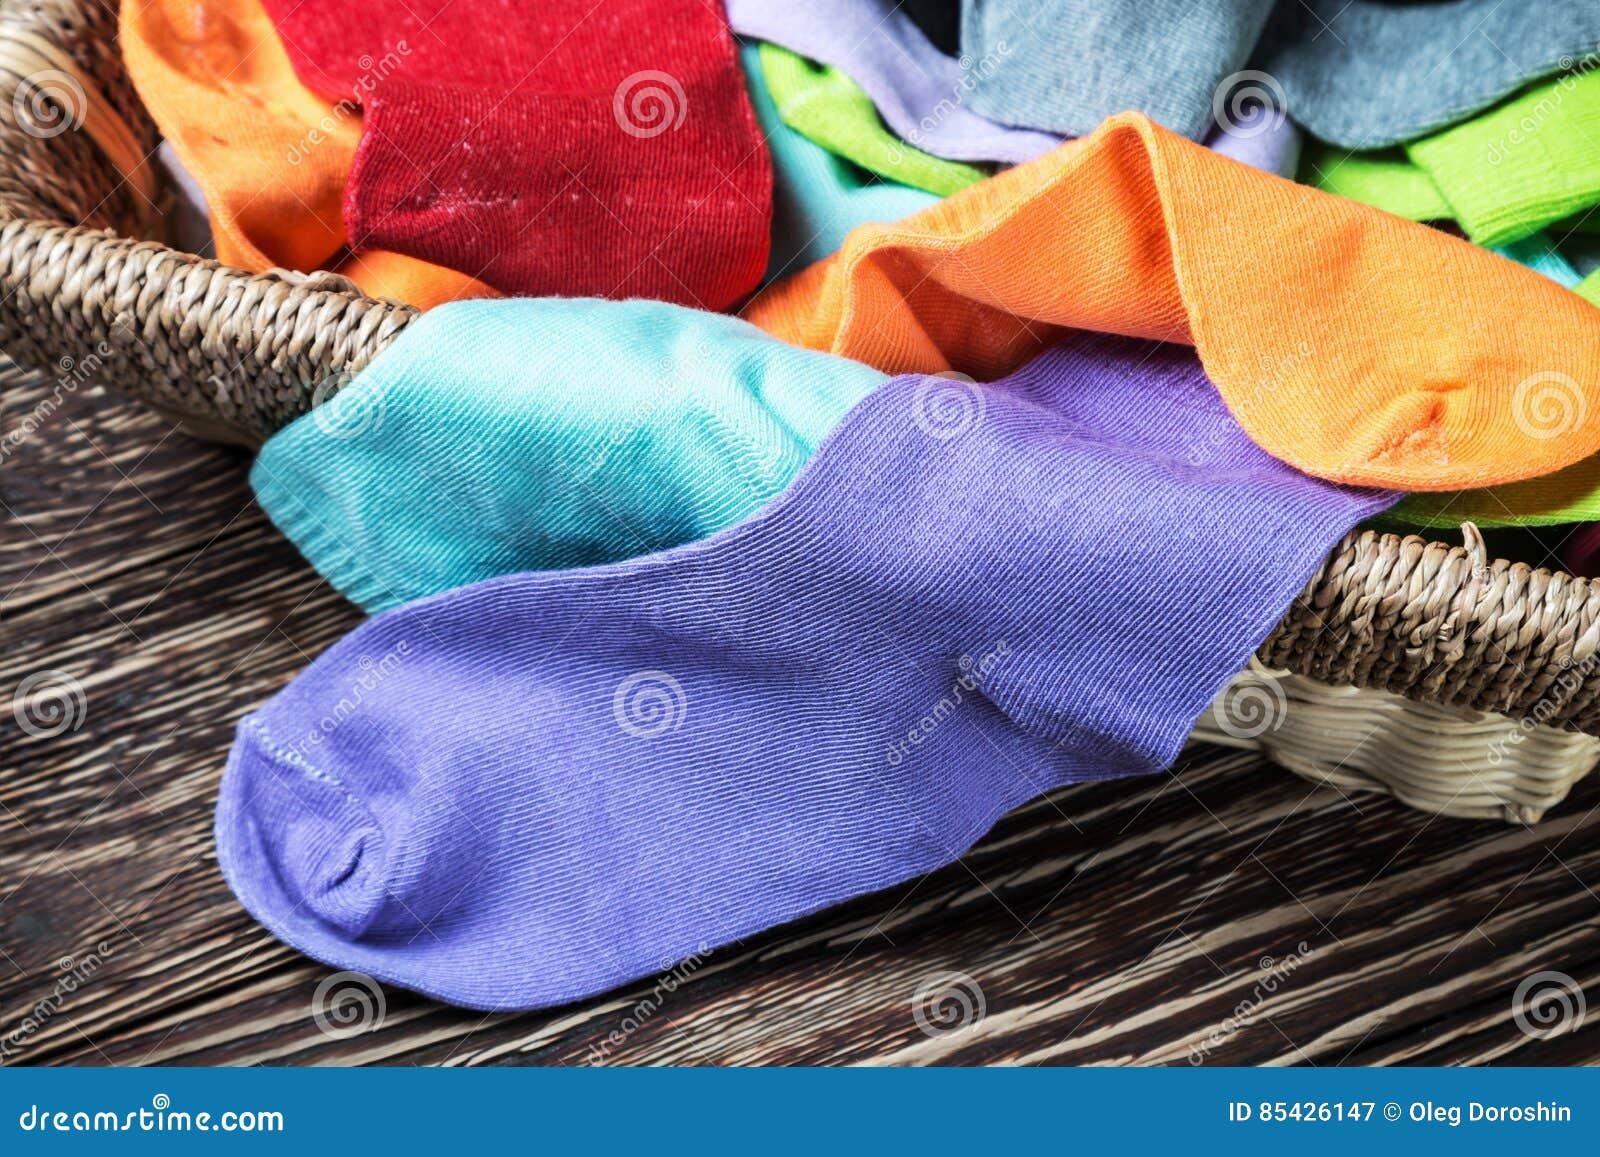 Διαφορετικές υφαντικές κάλτσες χρώματος στο καλάθι